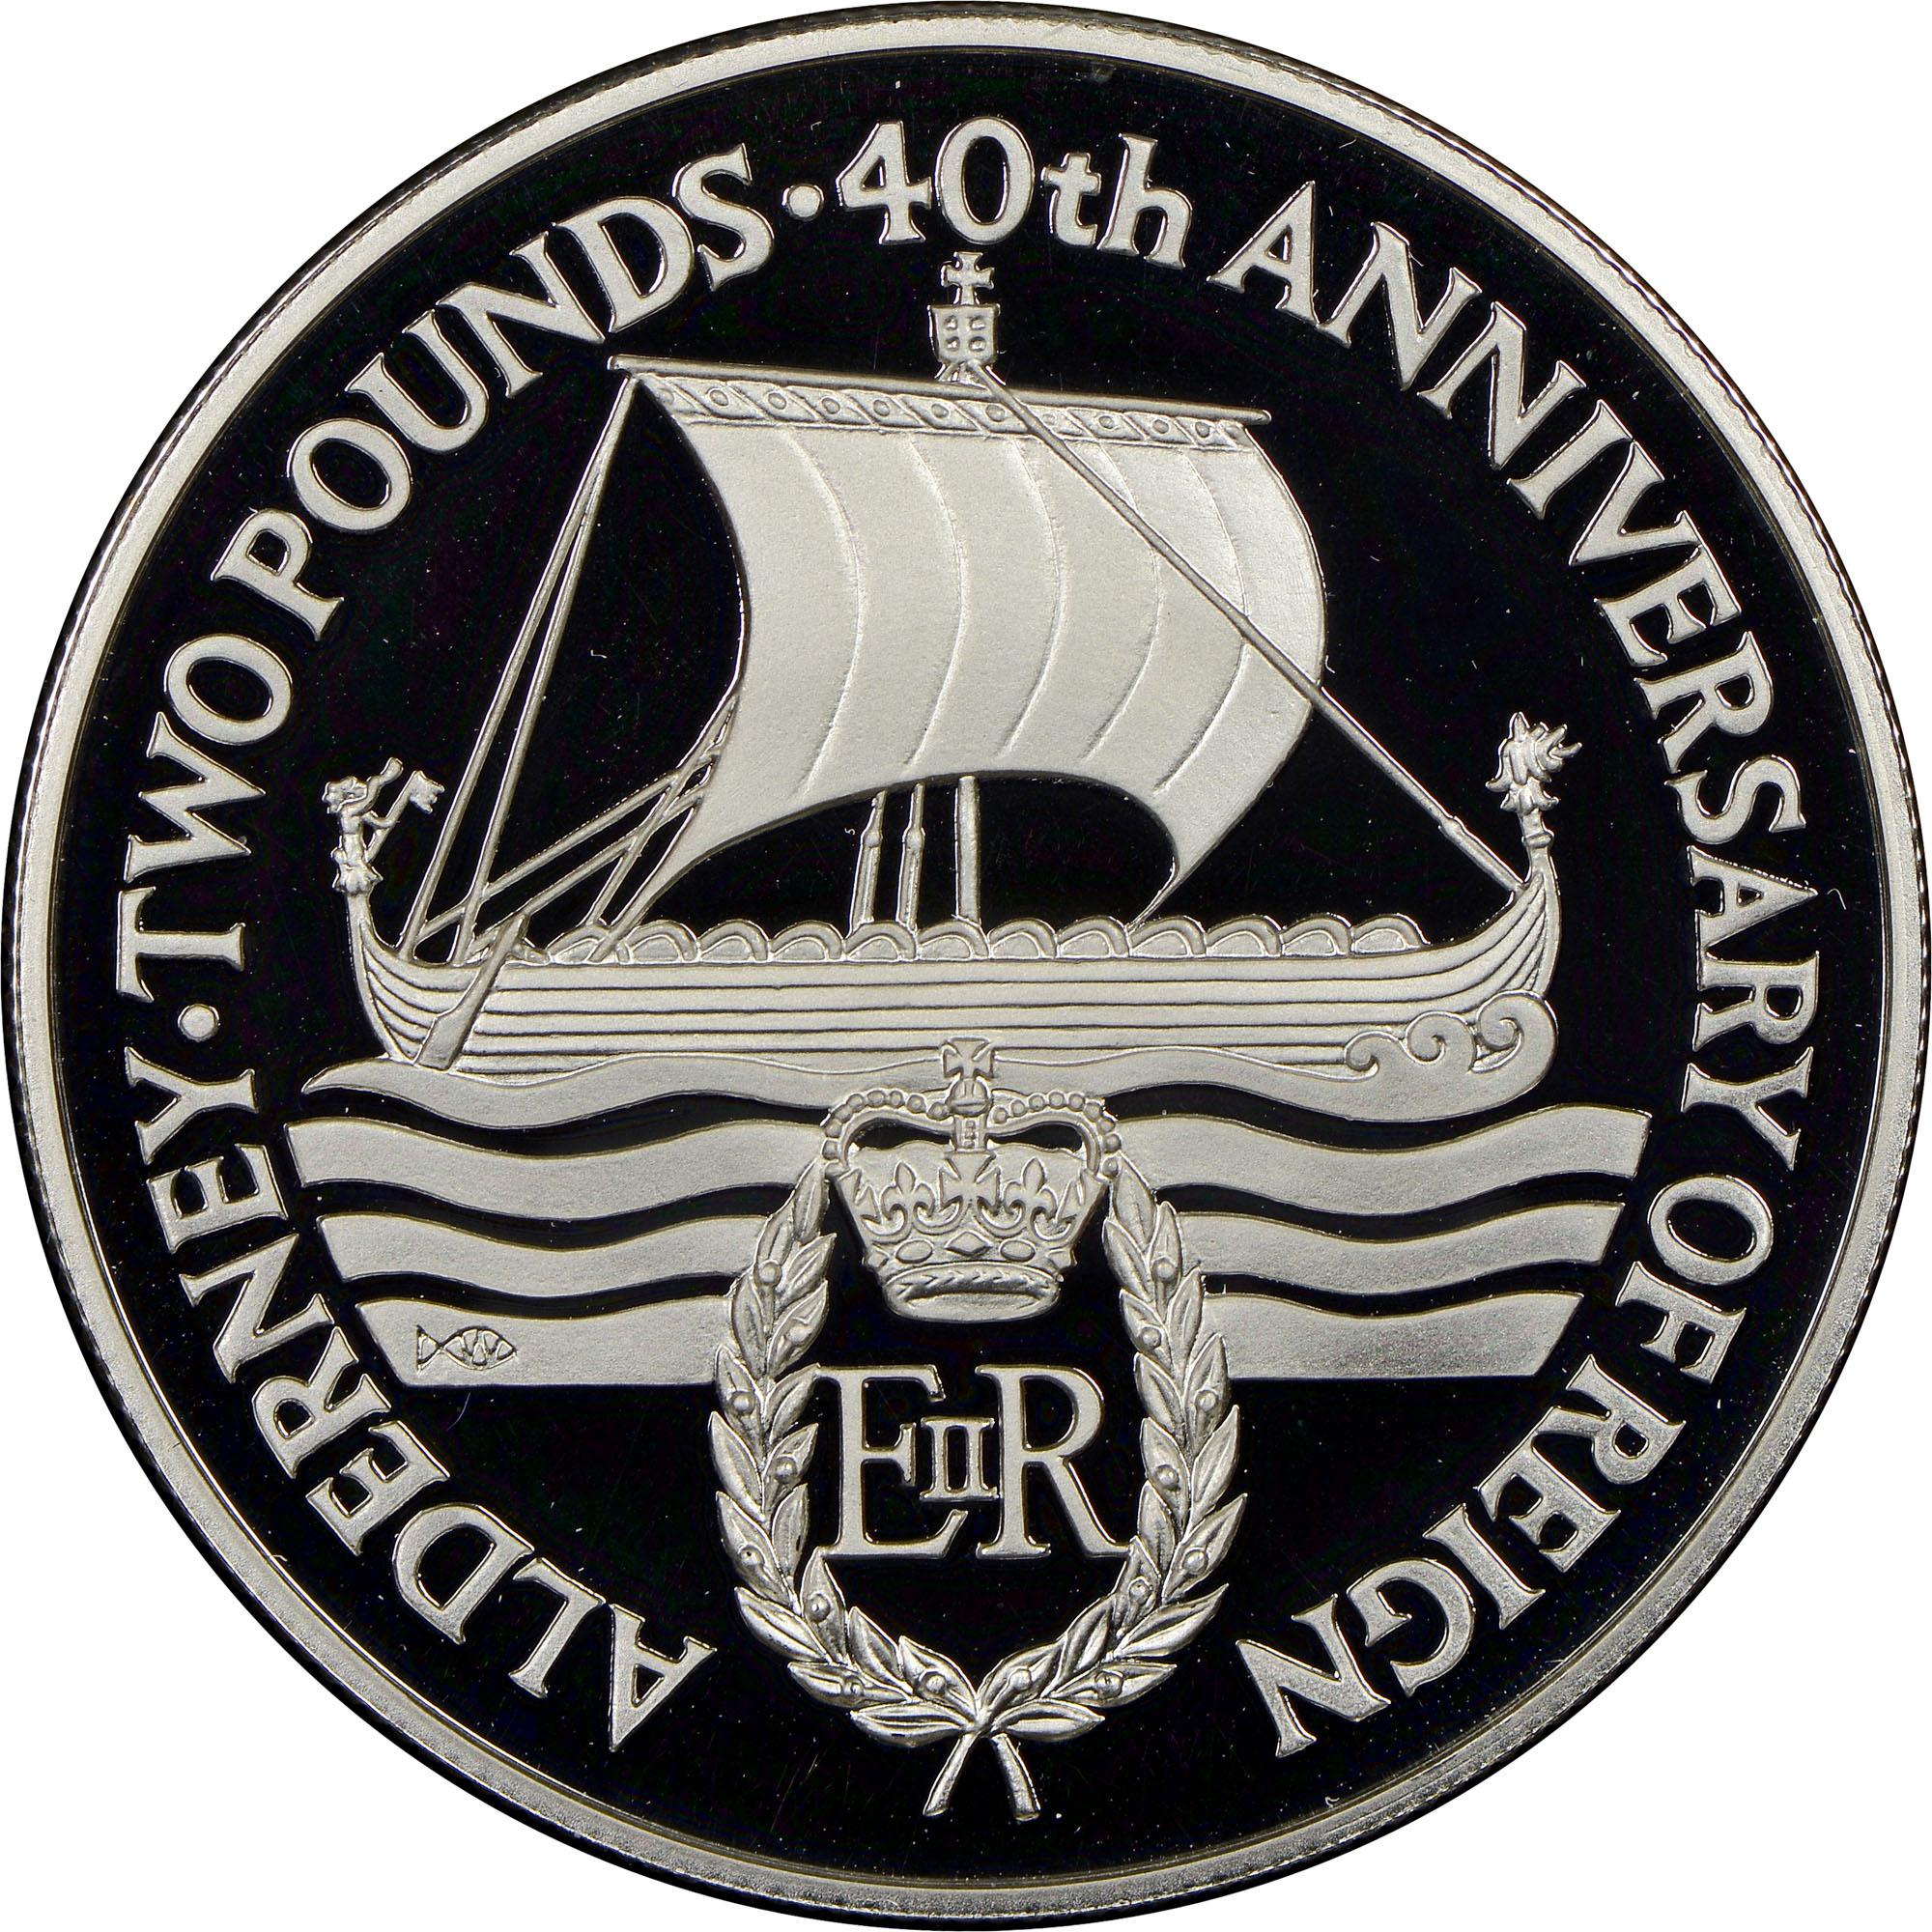 1992 Alderney 2 Pounds reverse